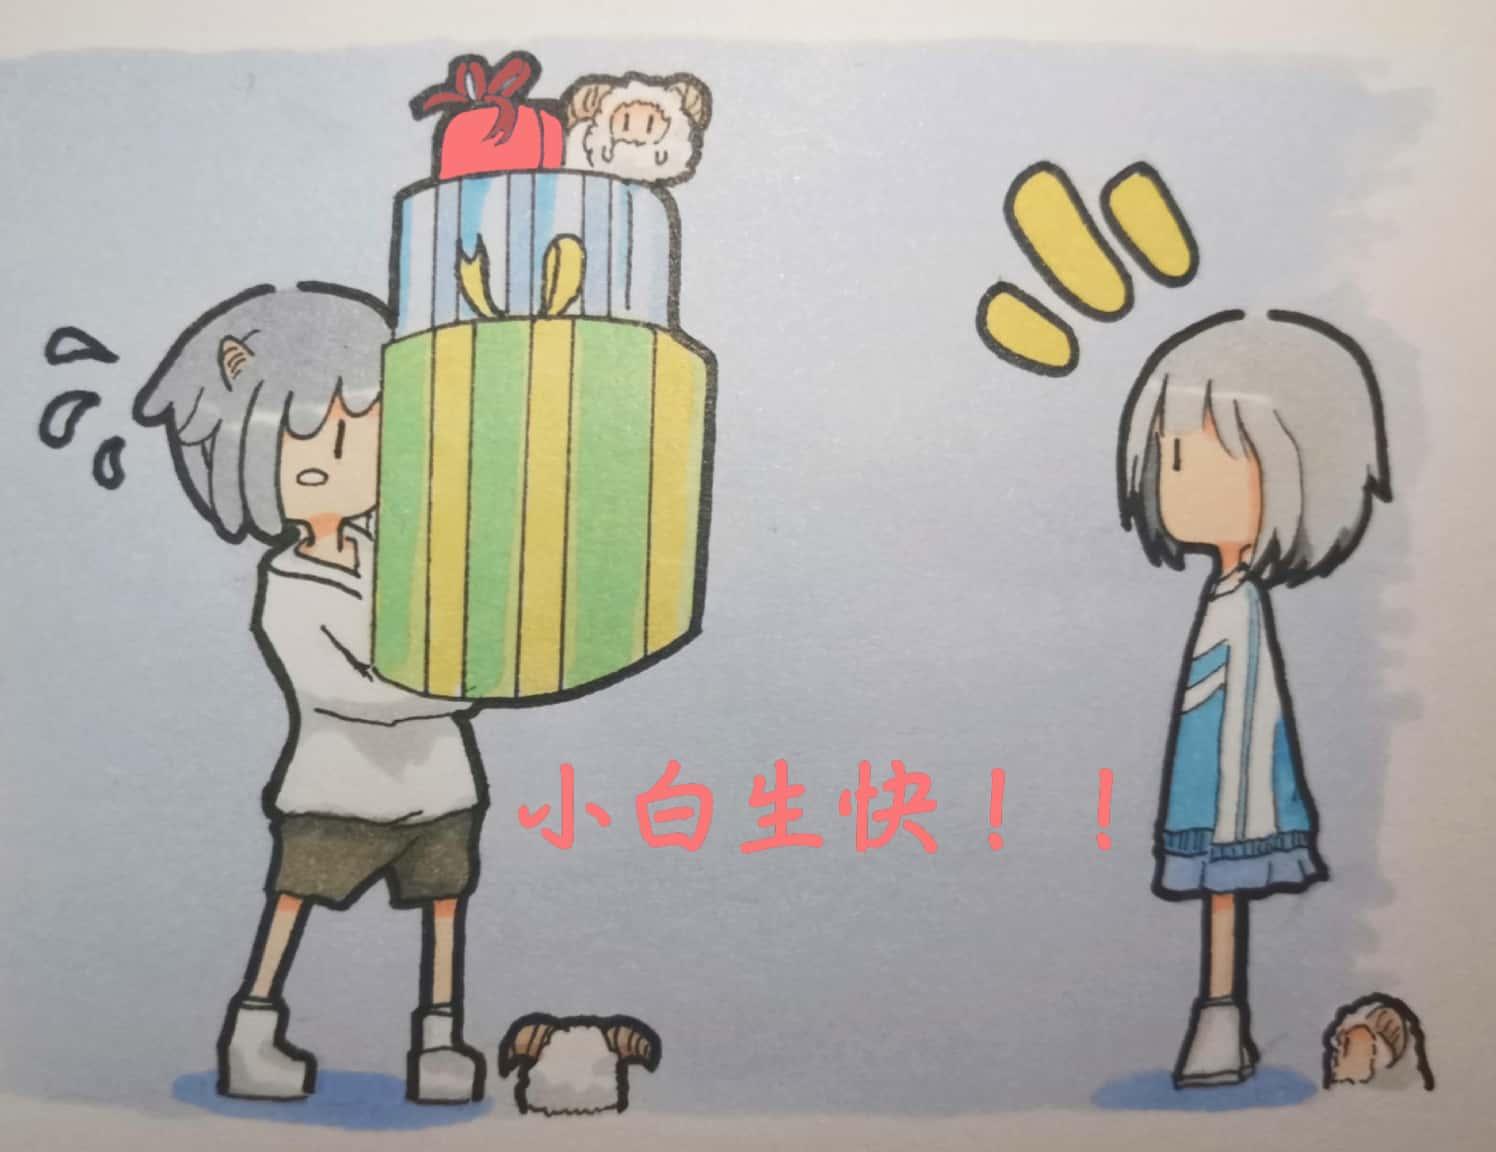 【手绘】第三条庆祝樱白生日的帖子